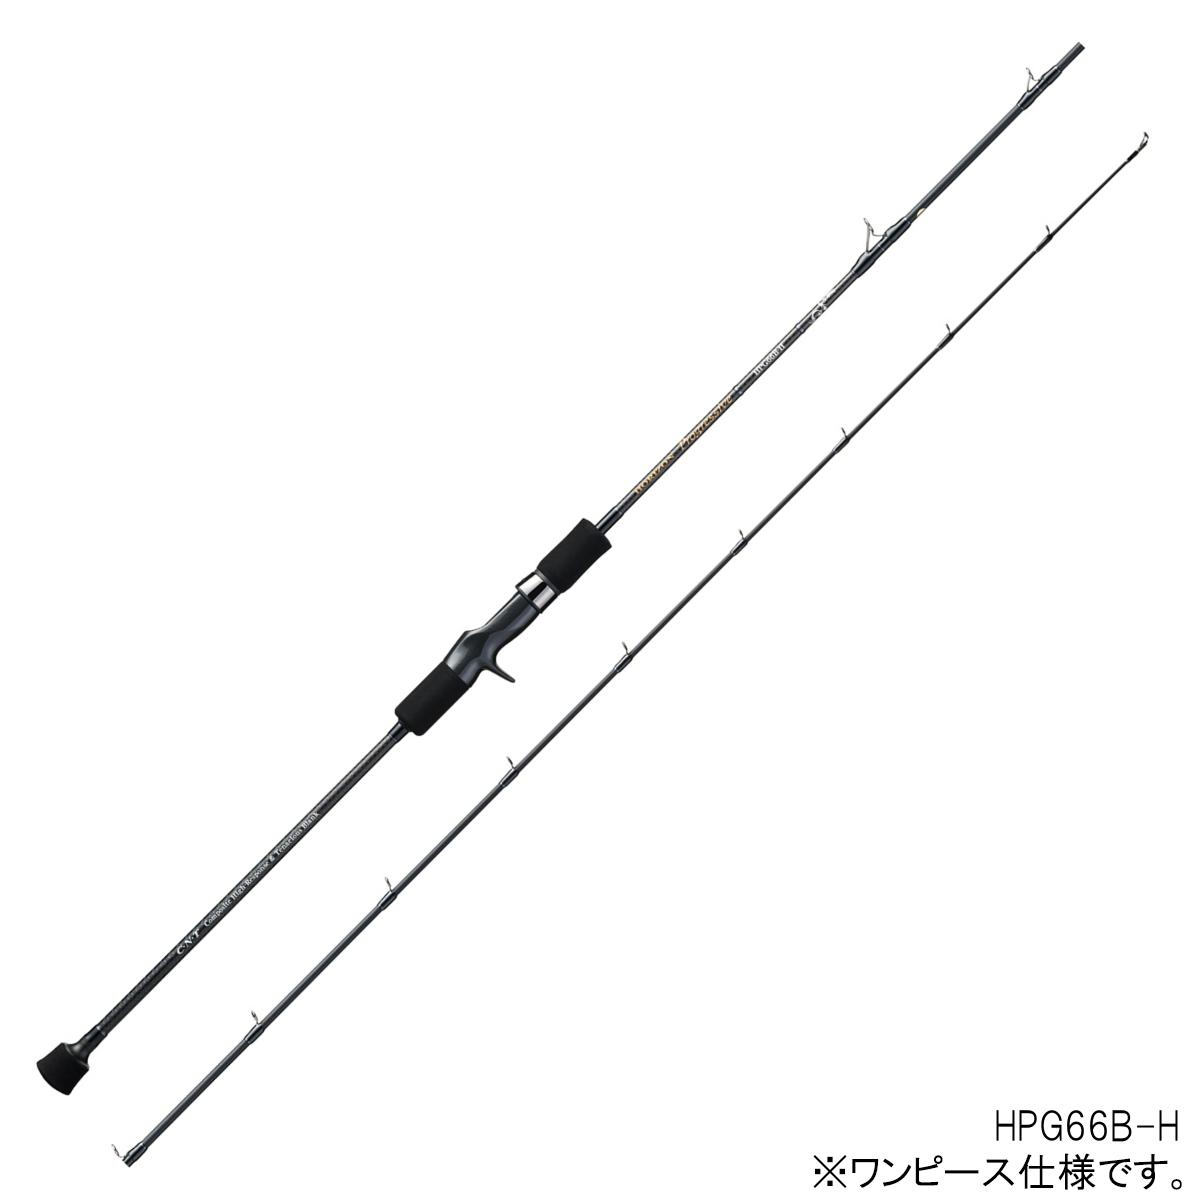 天龍 ホライゾン プログレッシブ HPG66B-H 【大型商品】